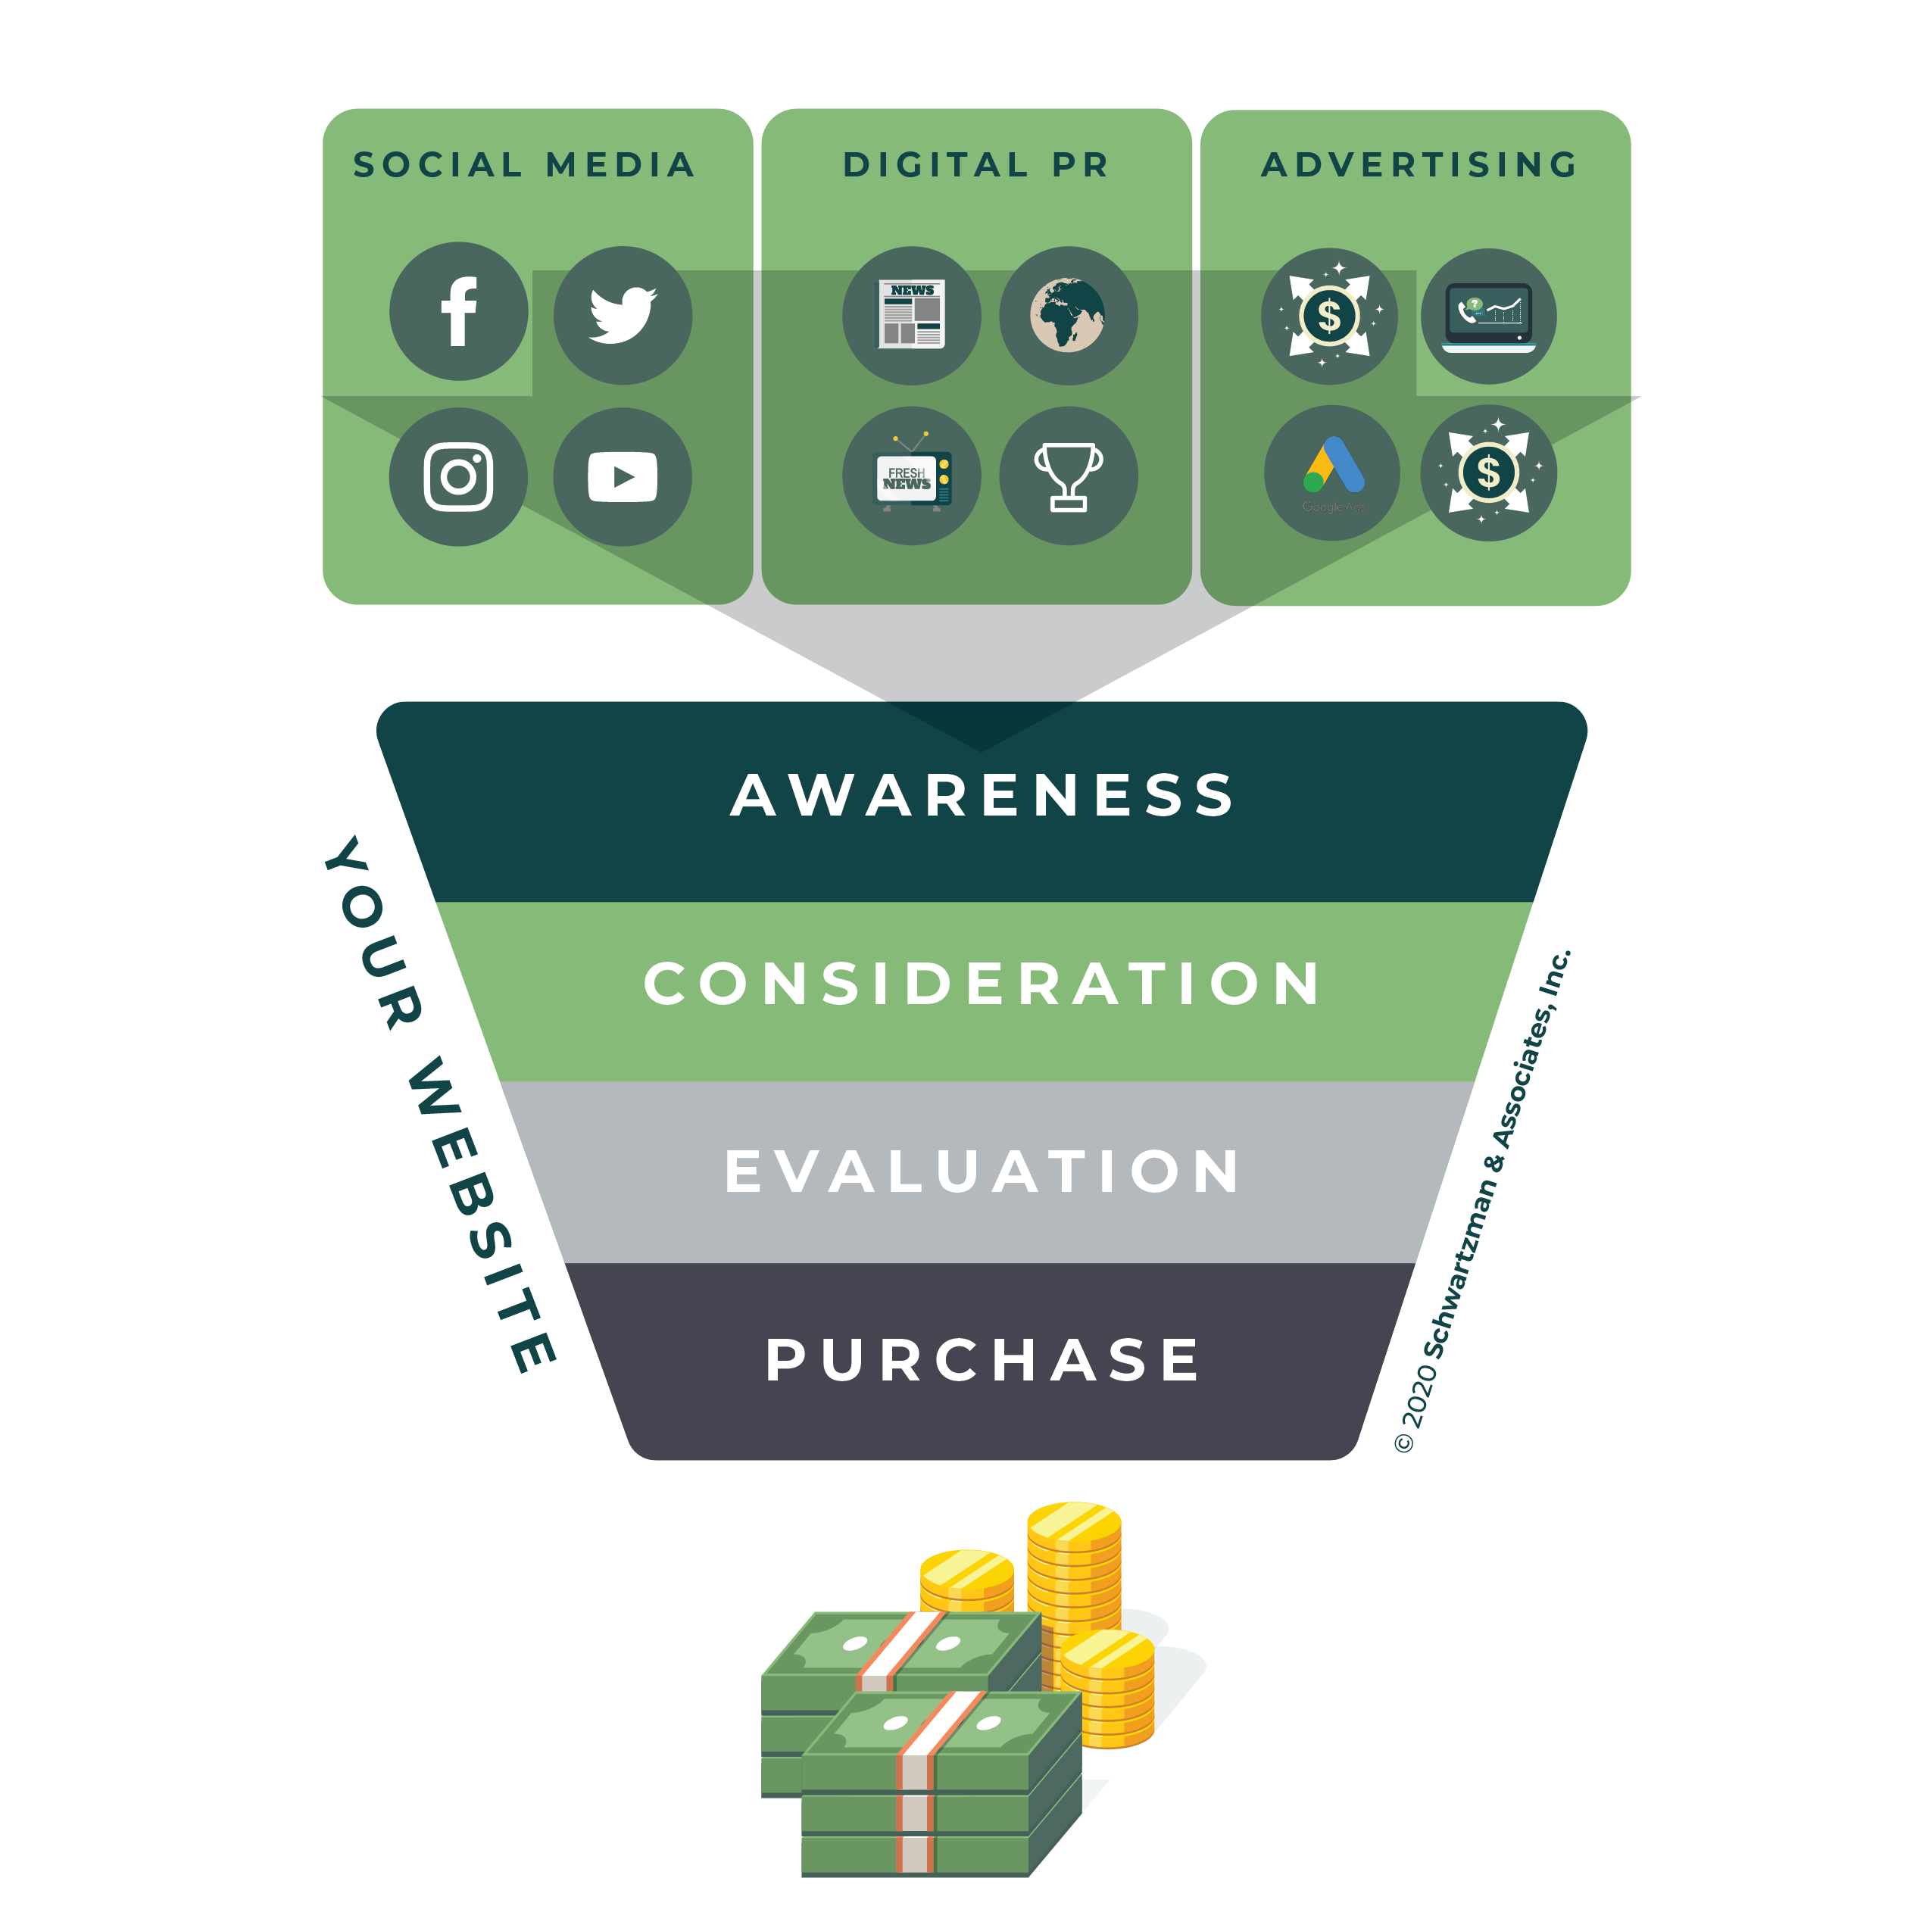 Digital Marketing Funnel Framework by Eric Schwartzman